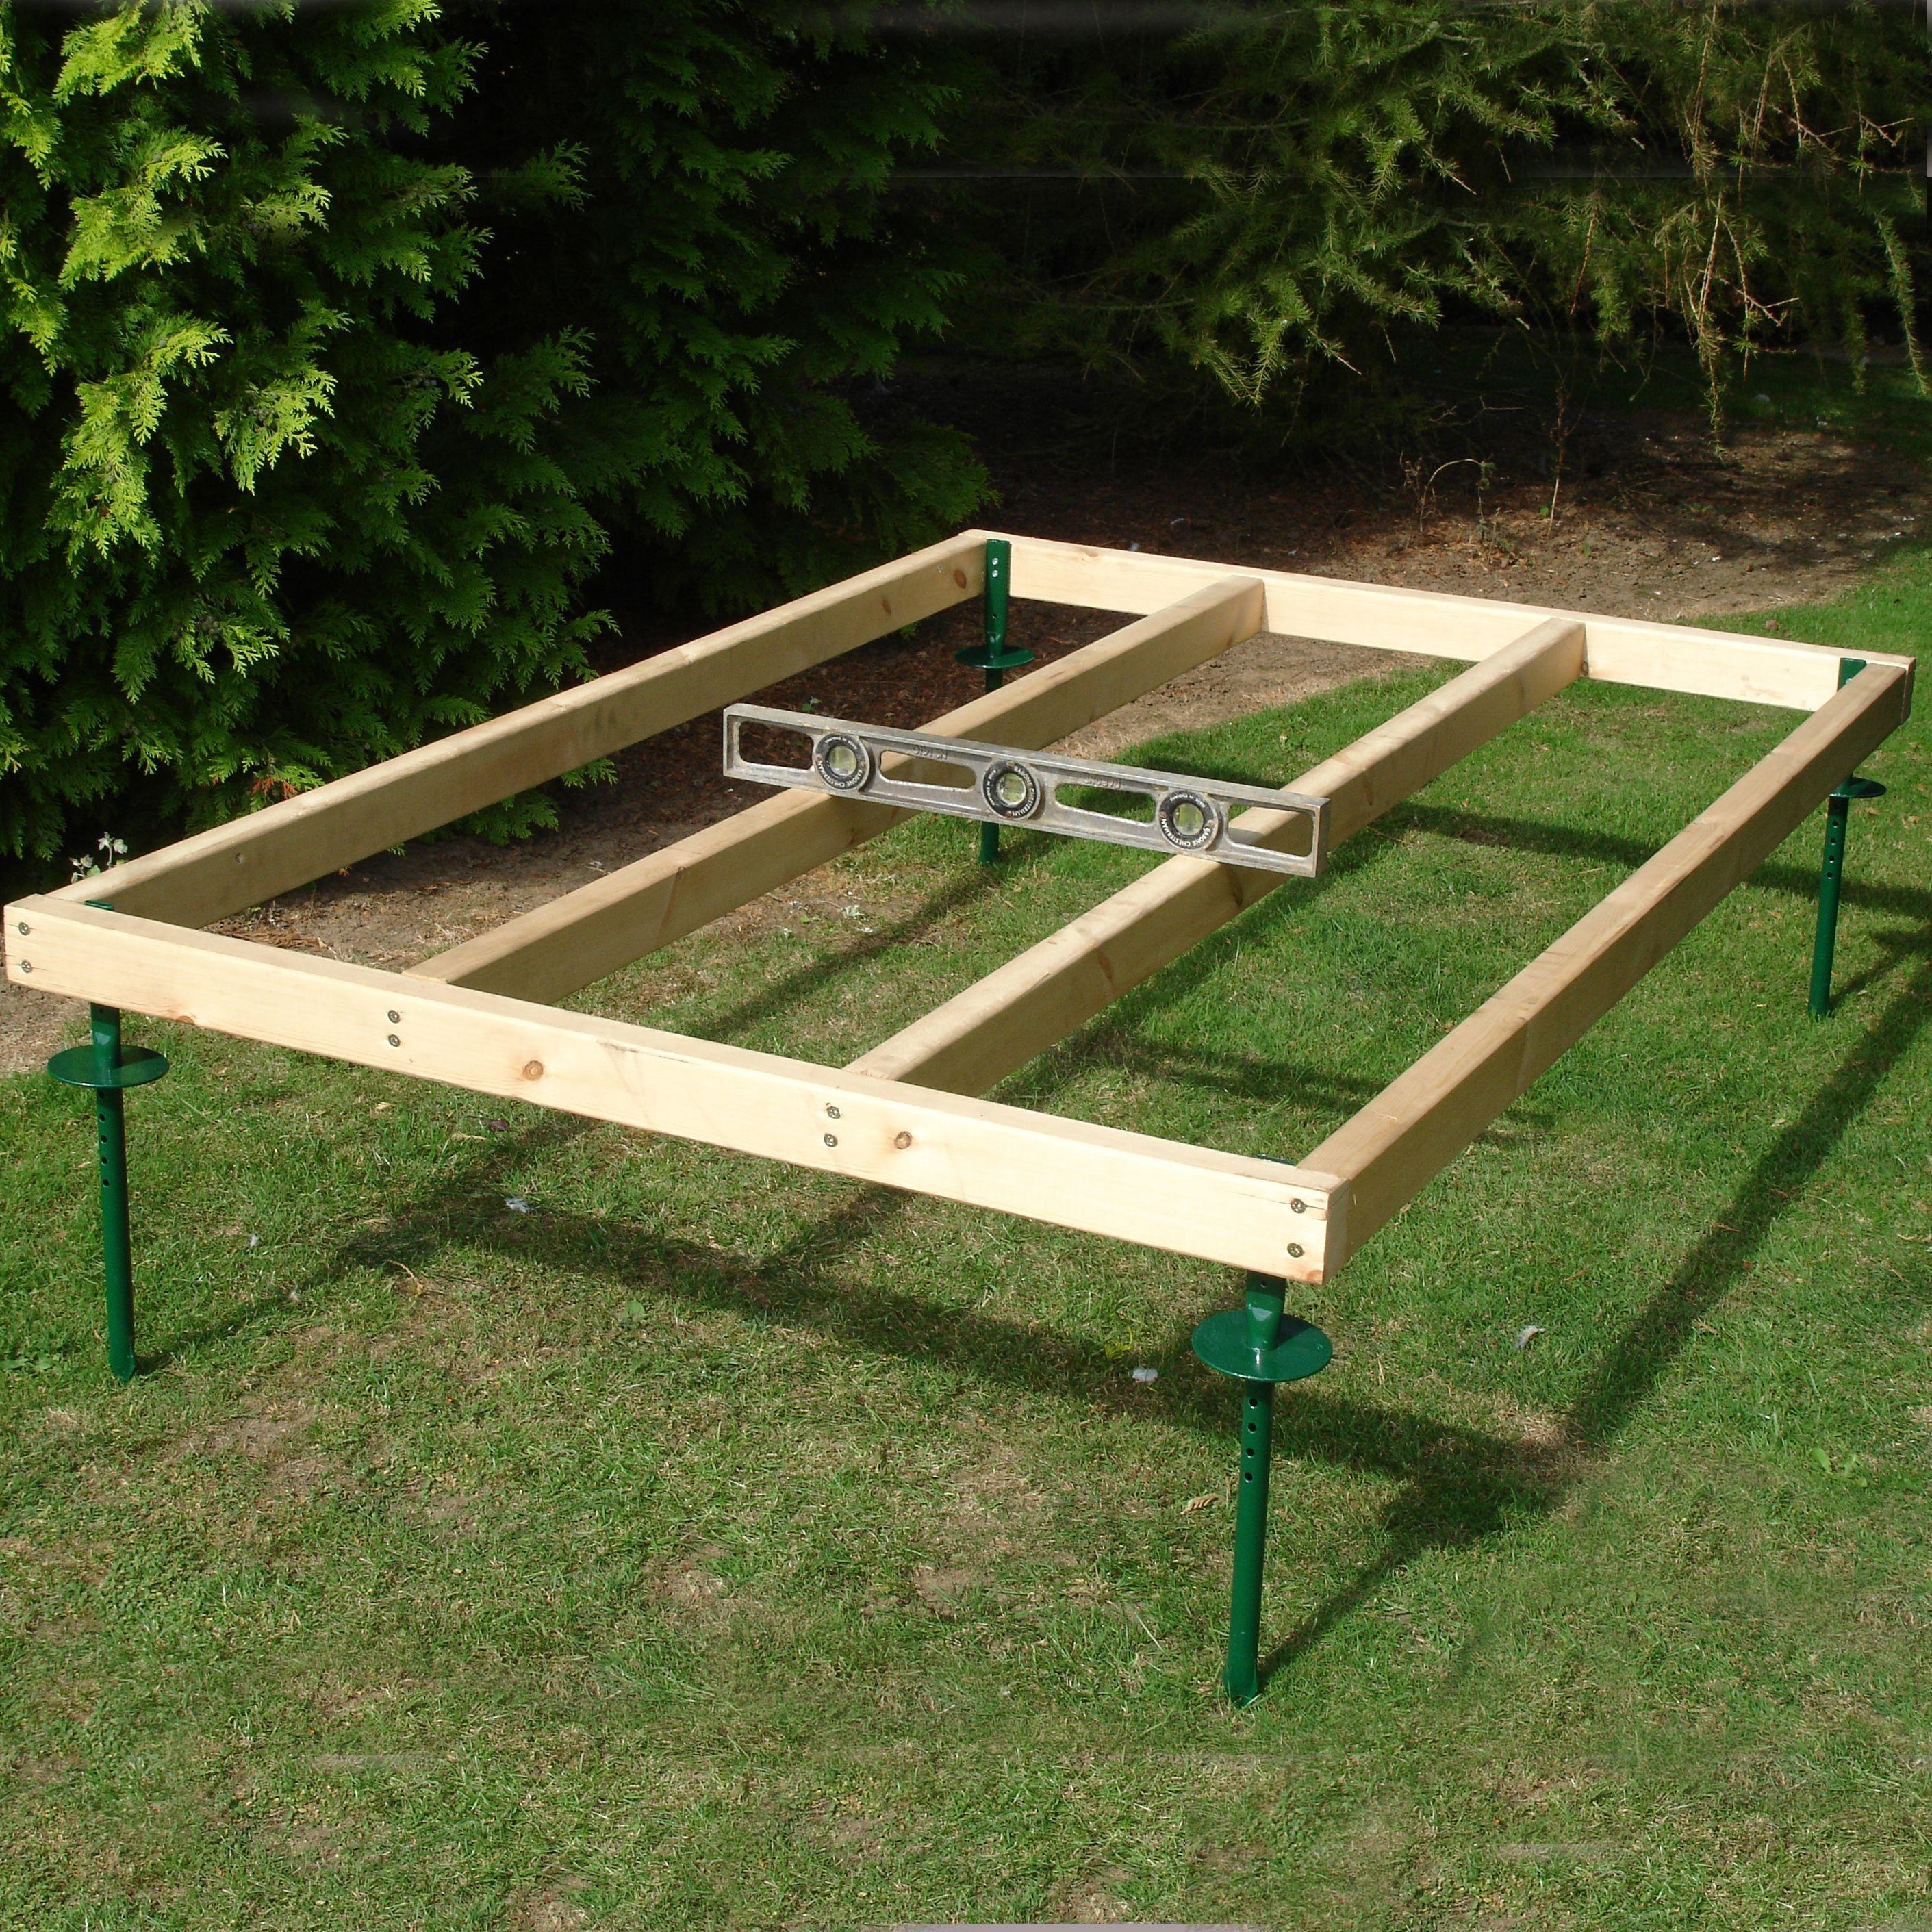 Image of Homewood Adjustable Wooden Shed Base - 2190 x 2190mm